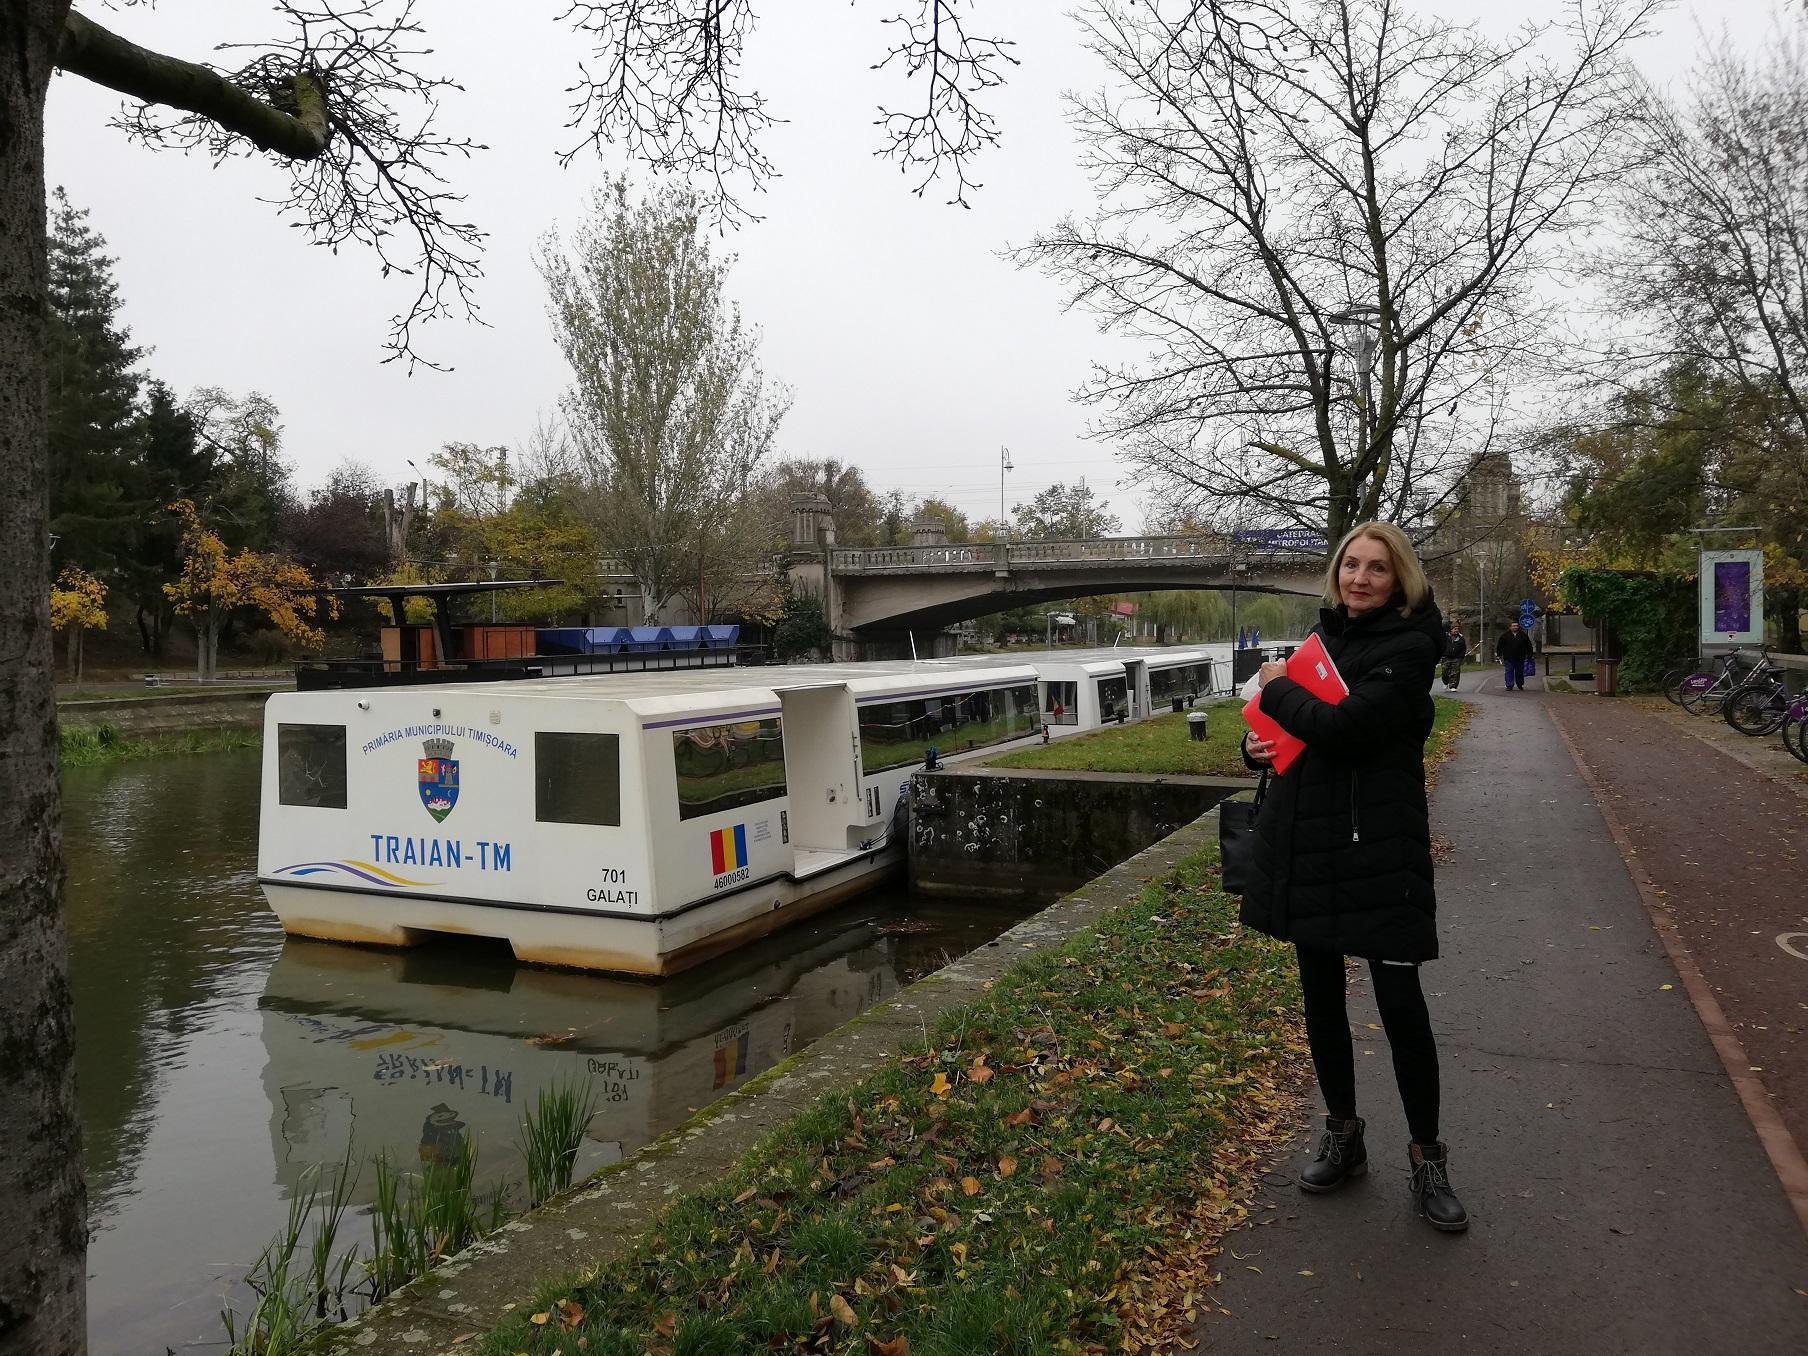 Gradski prijevoz brodovima: zagrebačka glazbenica uz pristanište na rijeci Begej